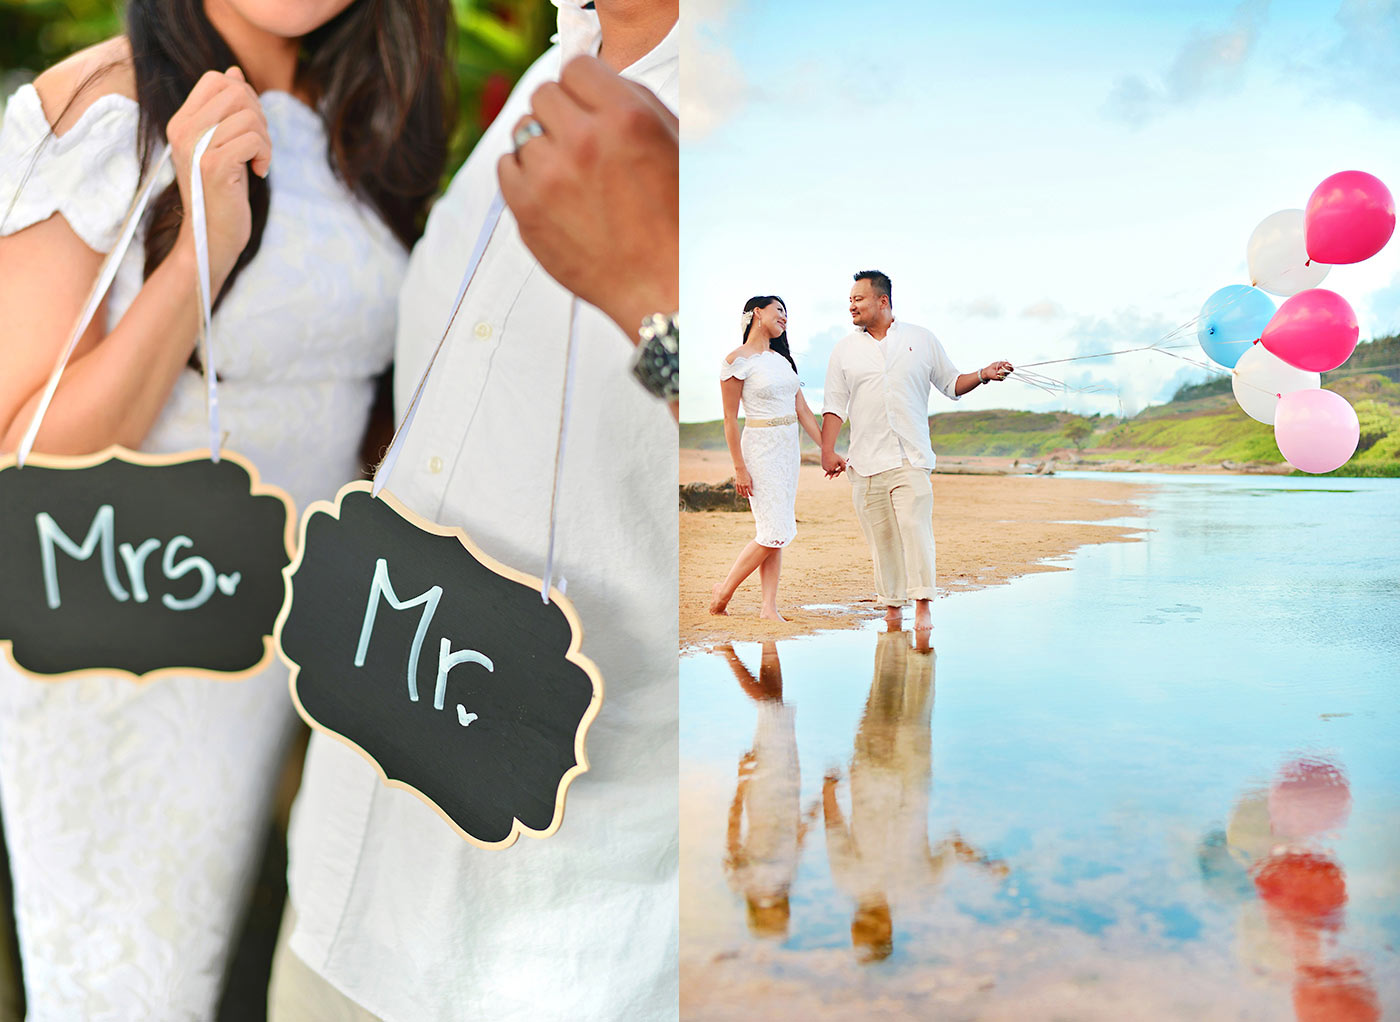 Kauai-Island-Hawaii-wedding-photo-(5).jpg